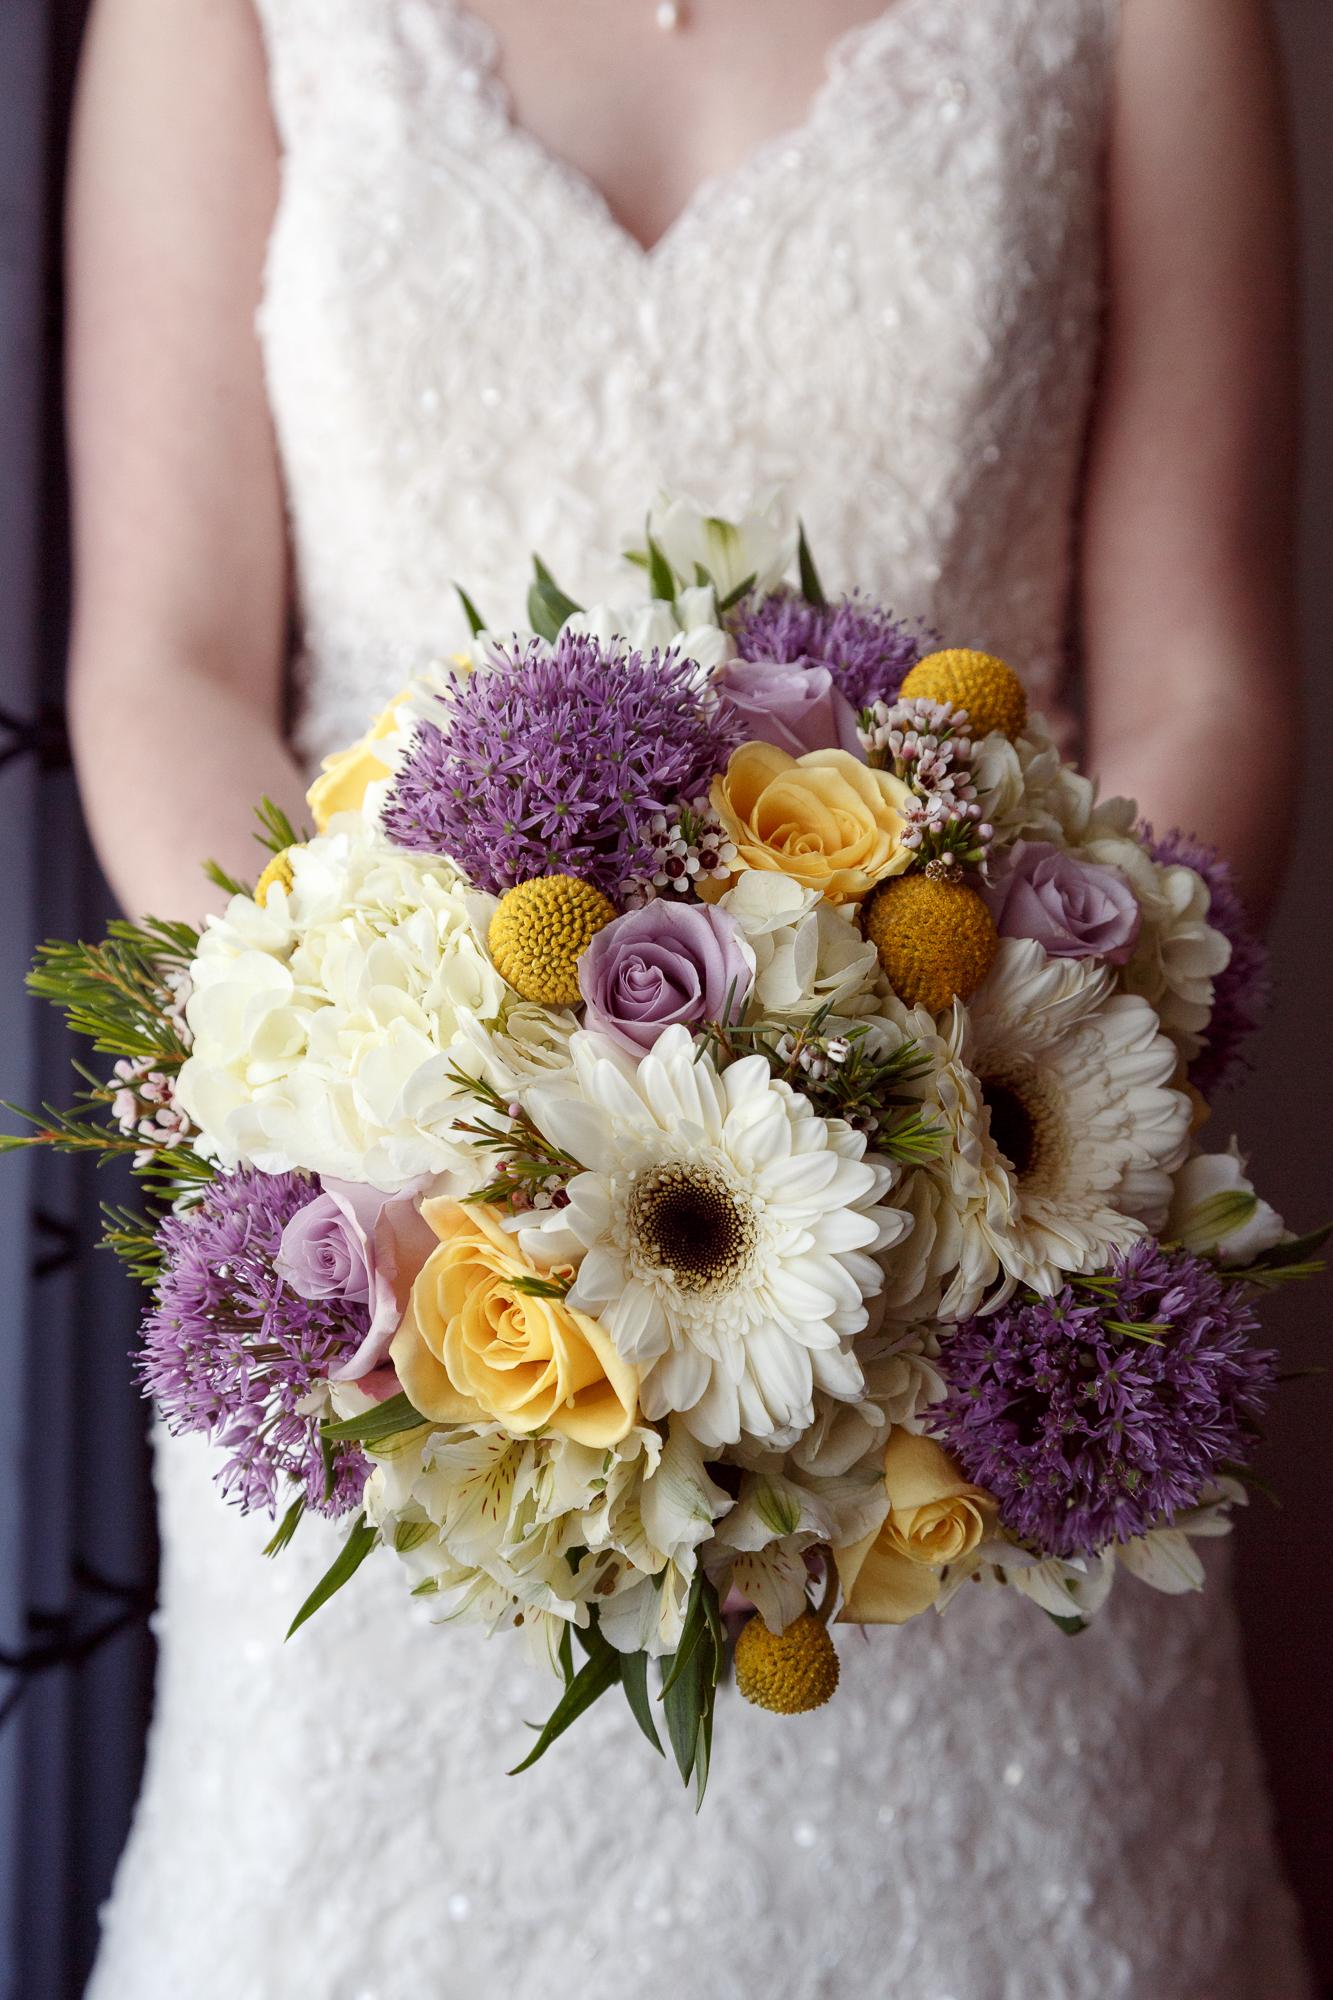 scranton-wedding-photography-zak-zavada-poconos--kellyGeoff-011.jpg